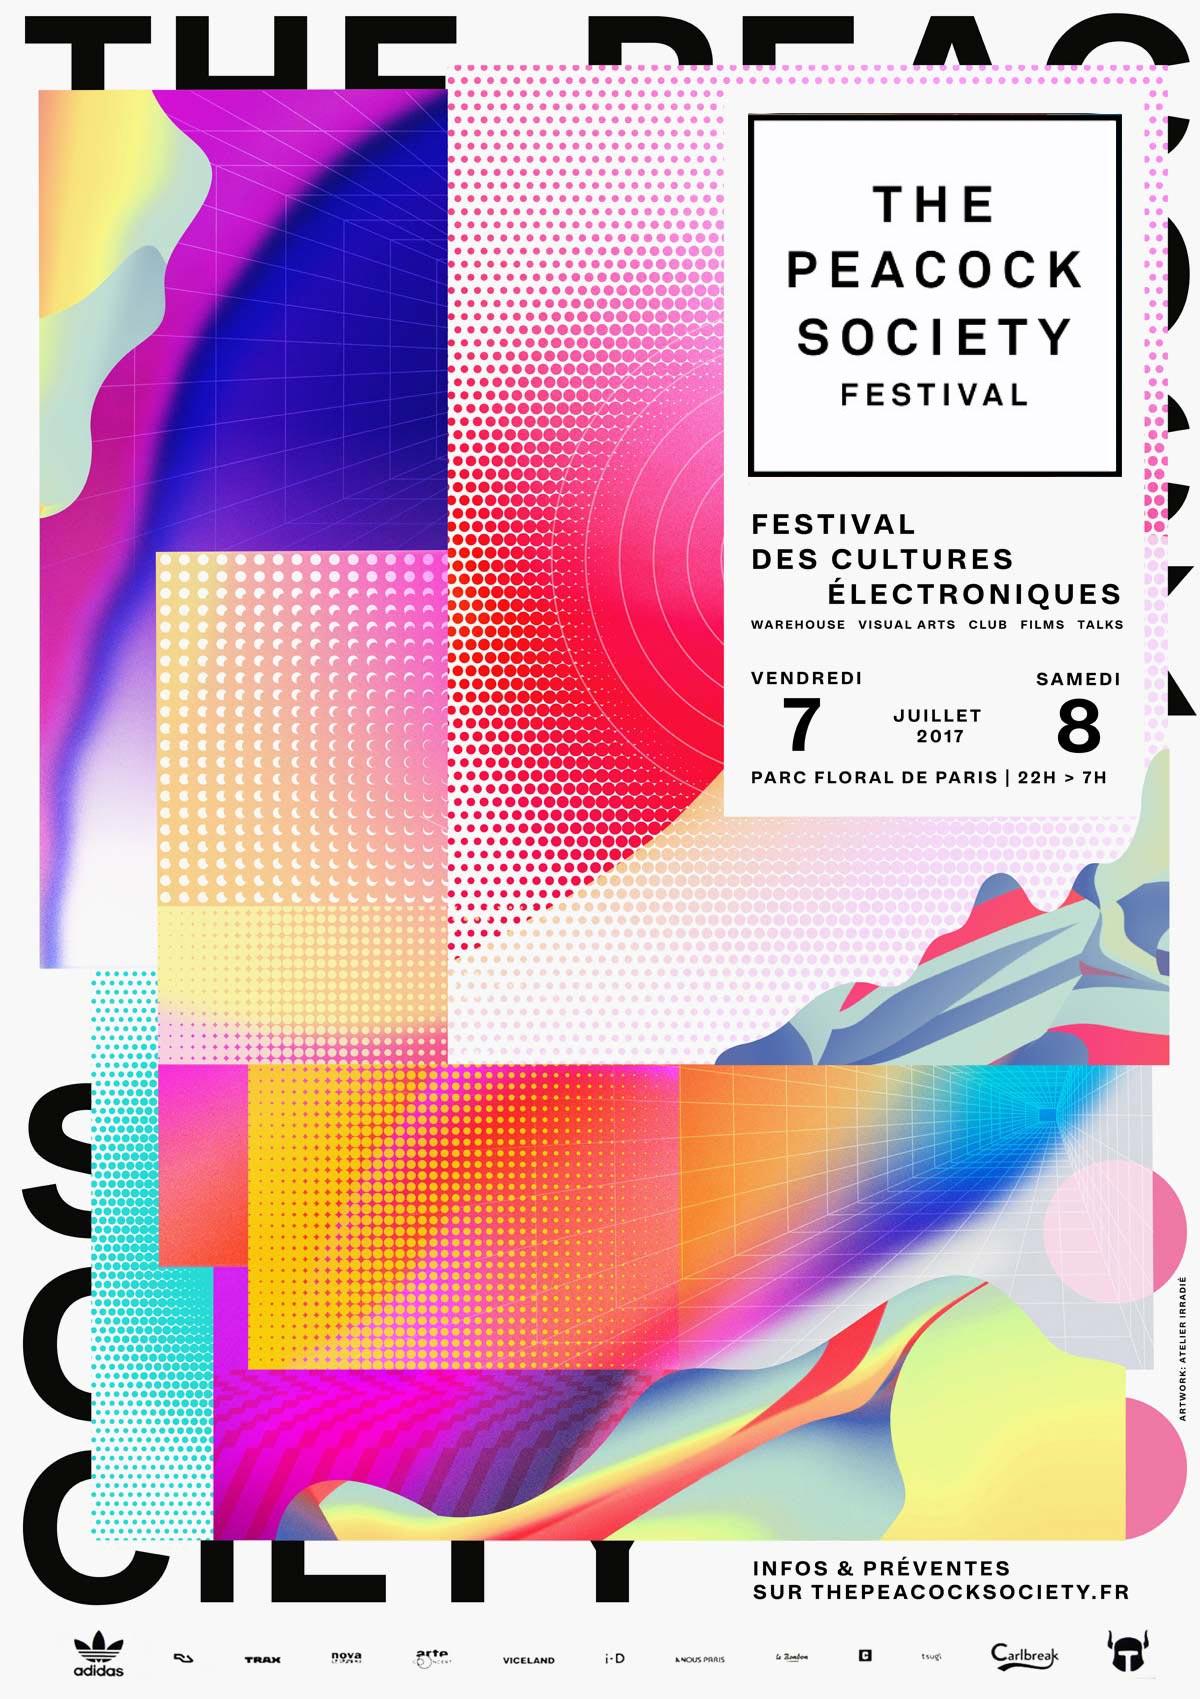 Peacock Society 2017